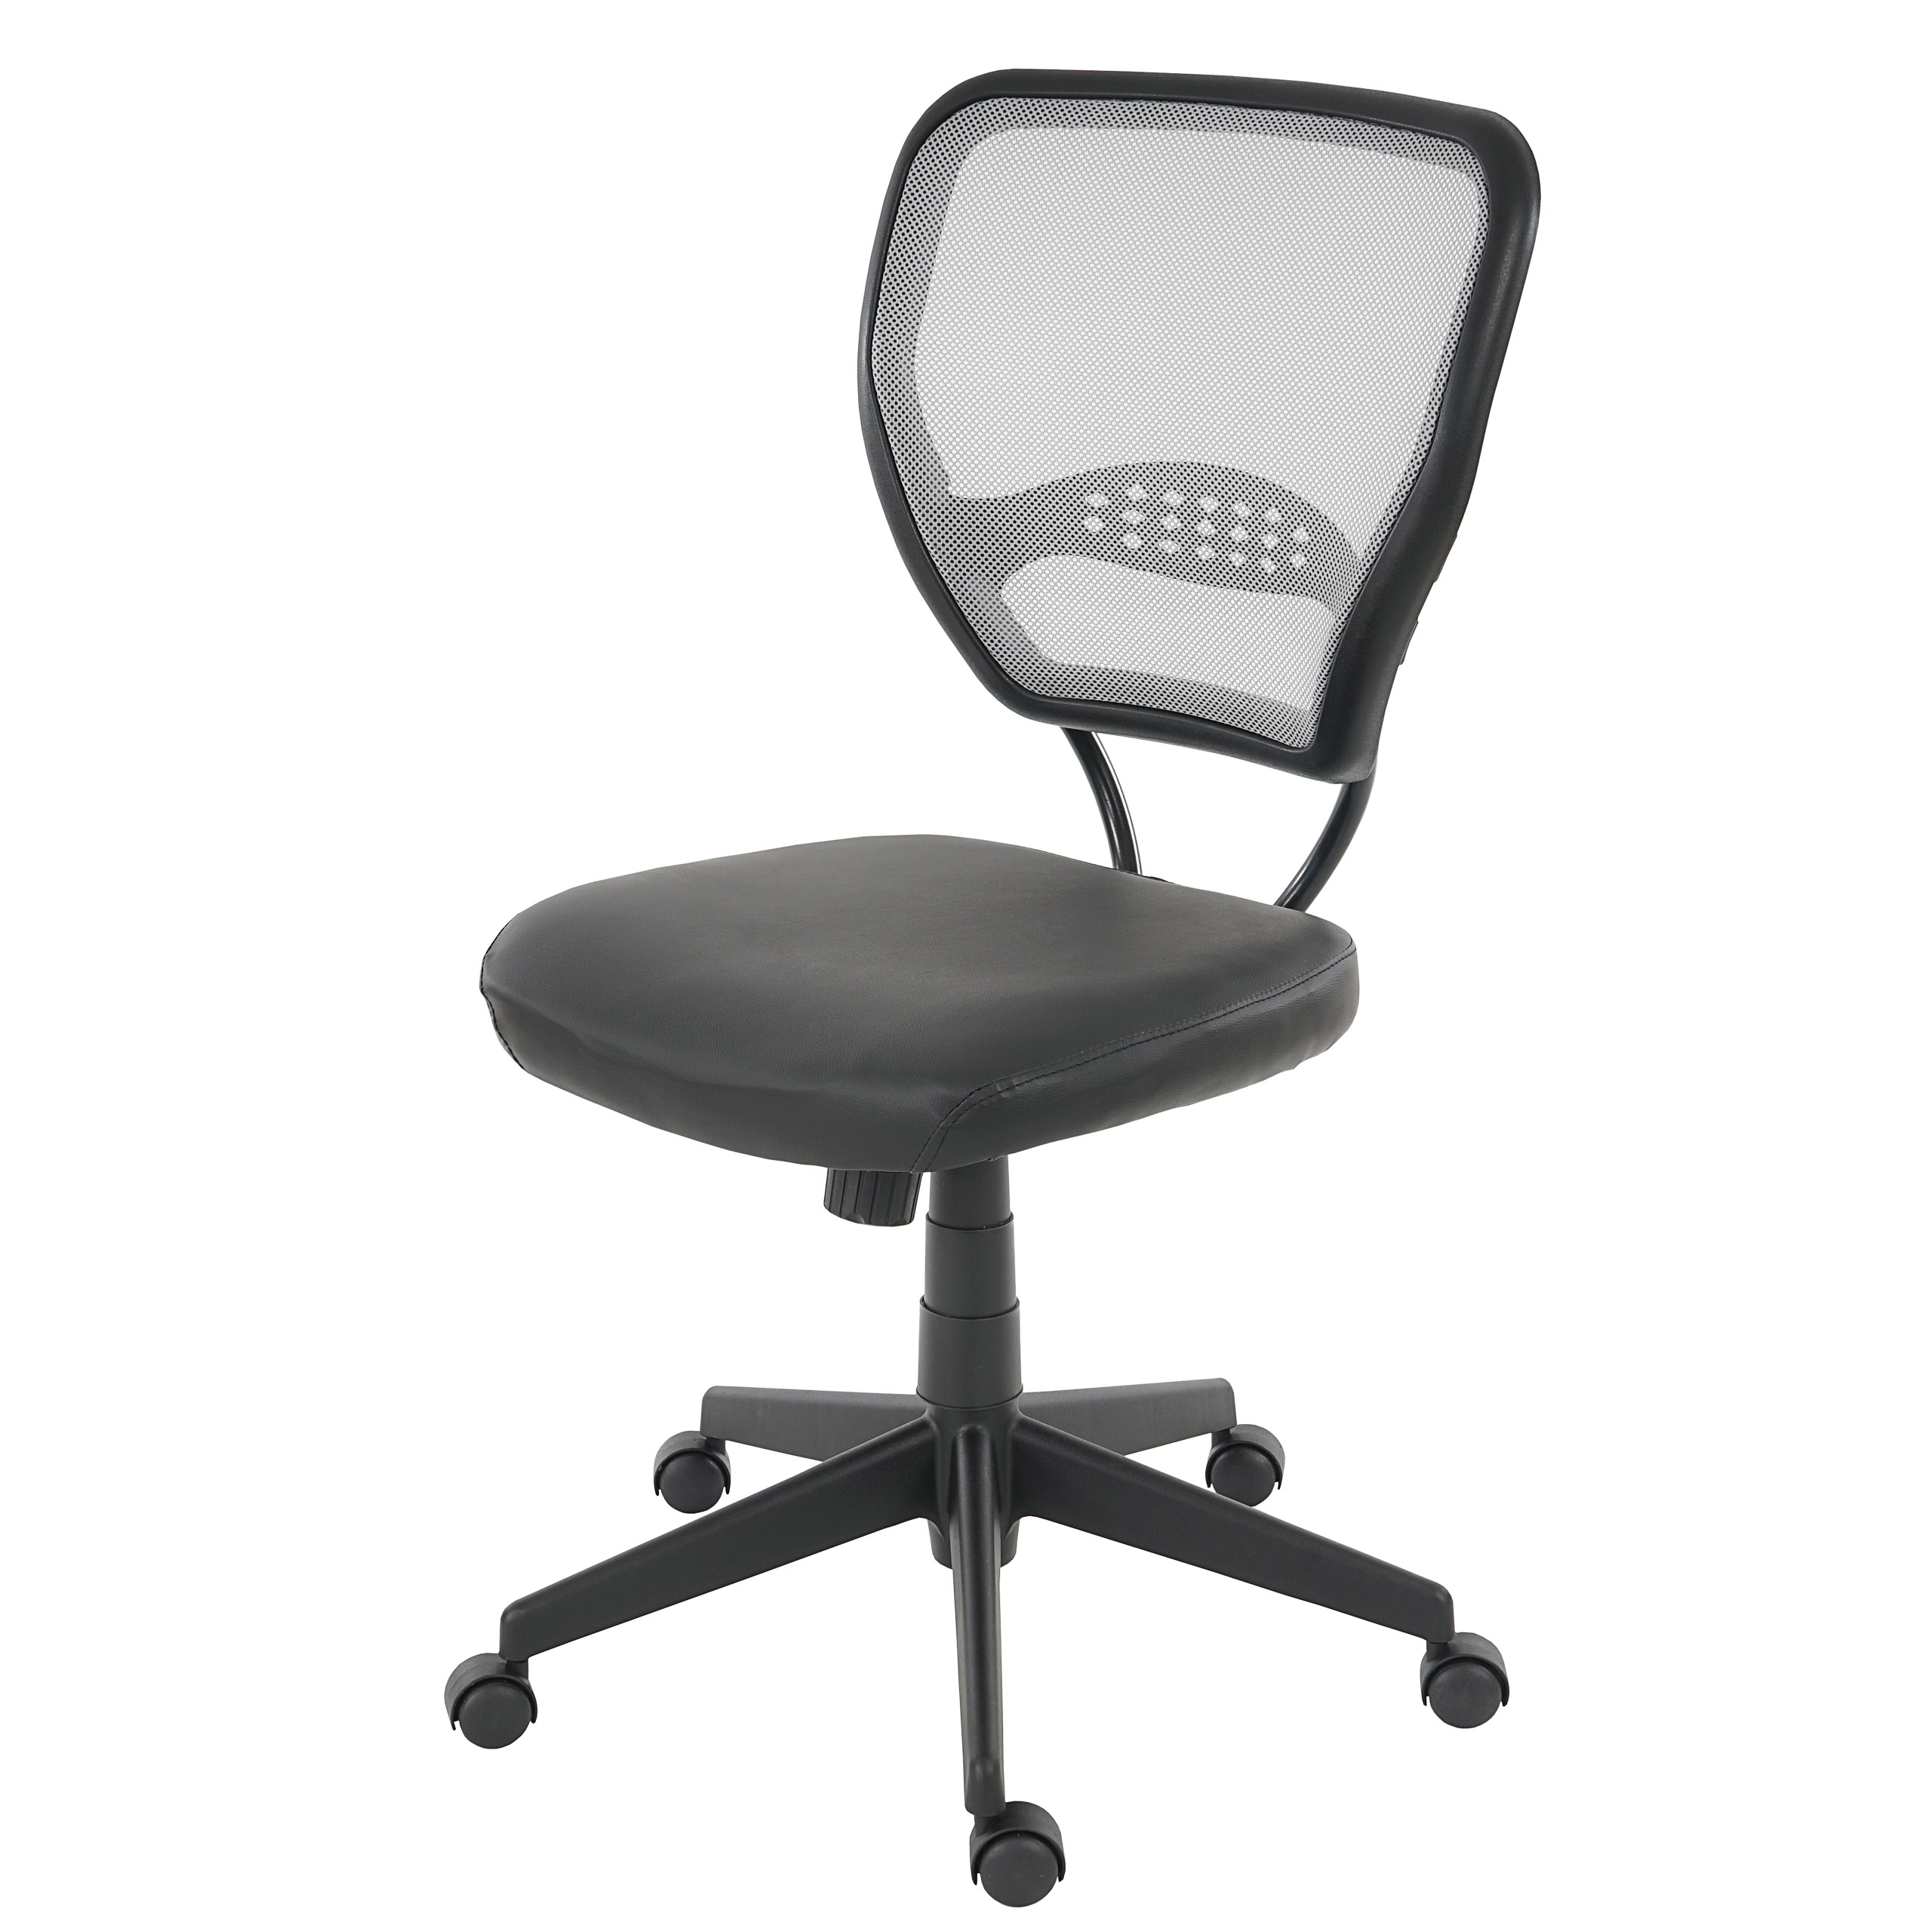 Sedia poltrona ufficio seattle seduta in ecopelle for Sedia poltrona ufficio